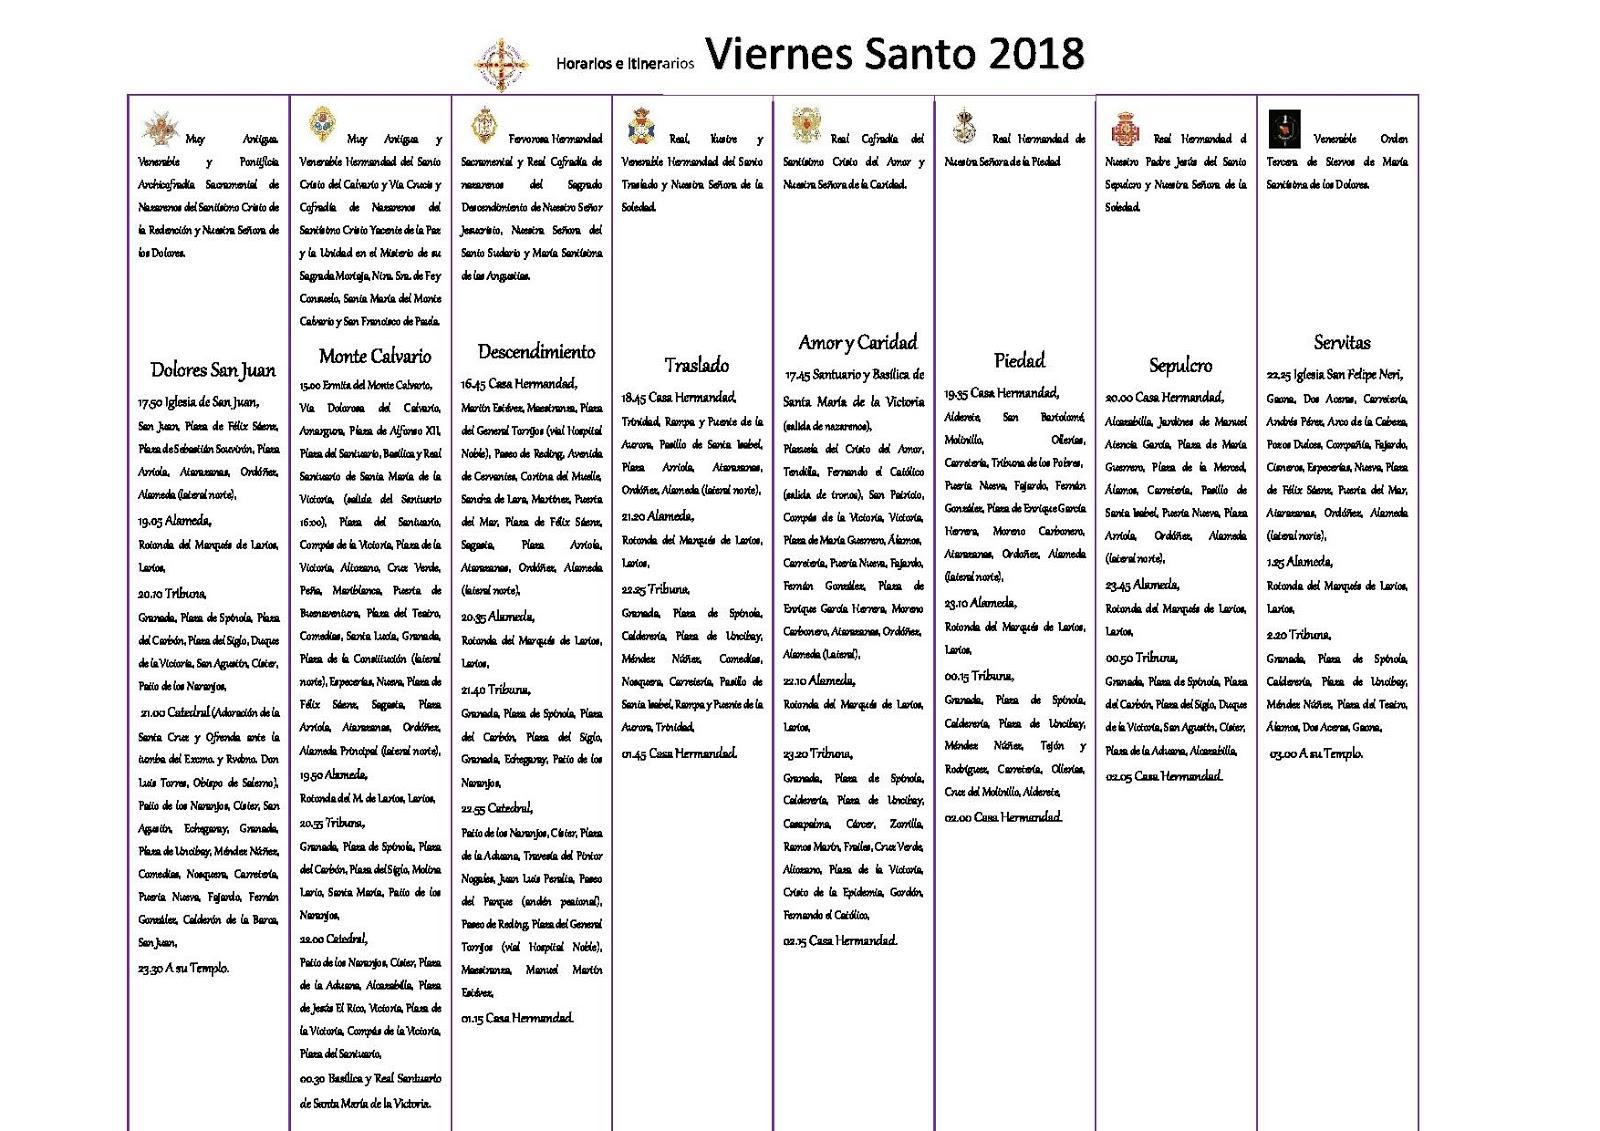 Horario e itinerario semana santa m laga 2018 cofradiastv for Horario oficina correos malaga